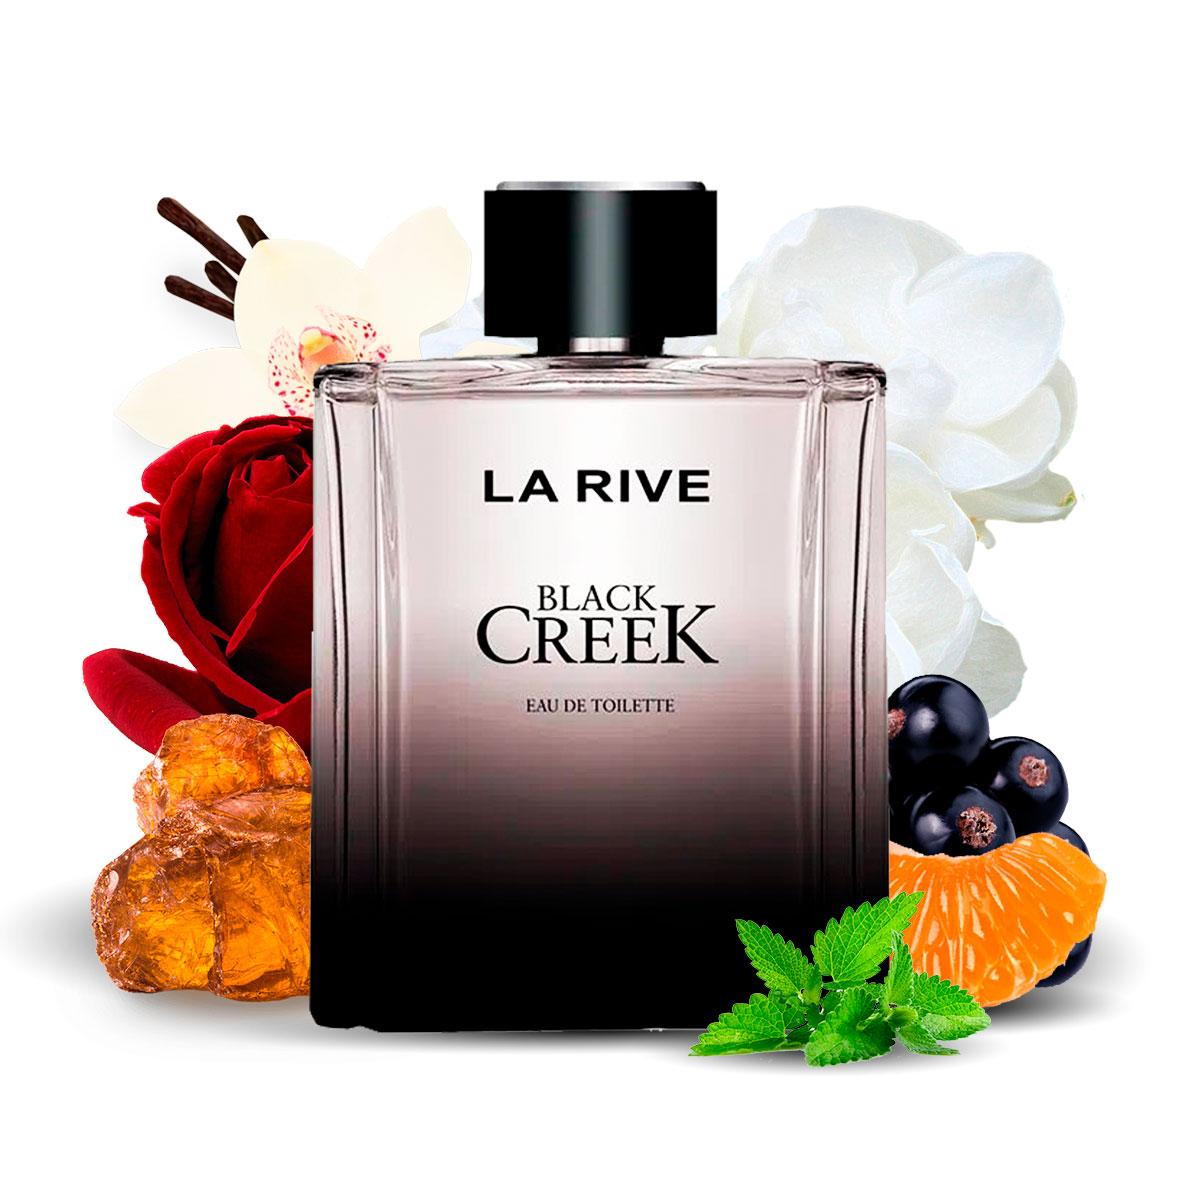 Kit 2 Perfumes, Black Creek e Body Like a Man La Rive